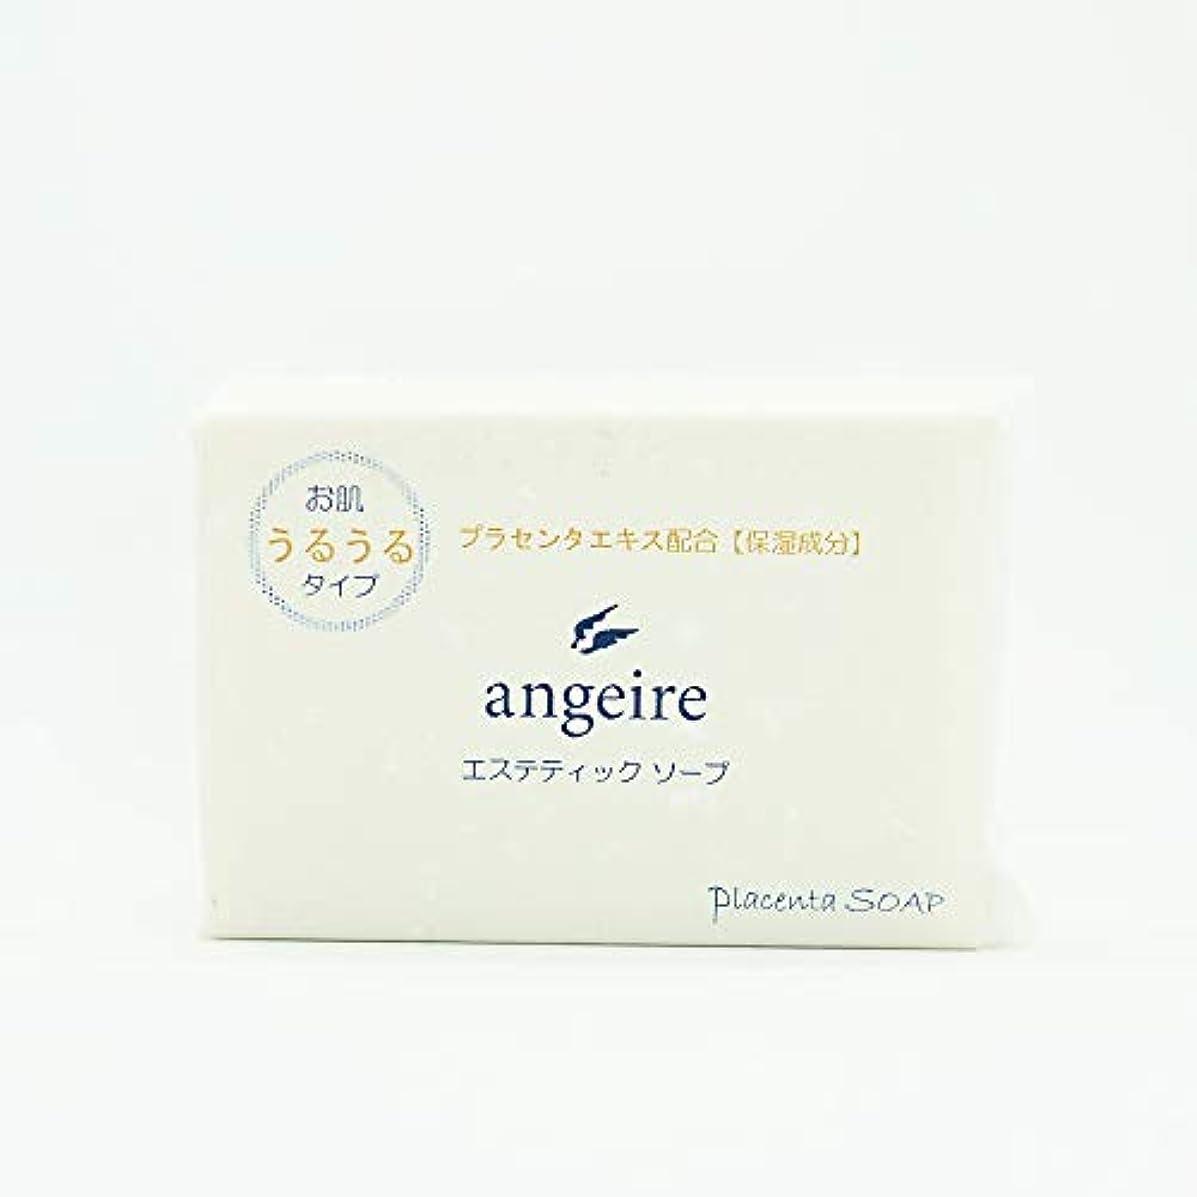 取り扱いアダルトうがい薬angeire エステティックソープ お肌うるうるタイプ 天然アロマの香り